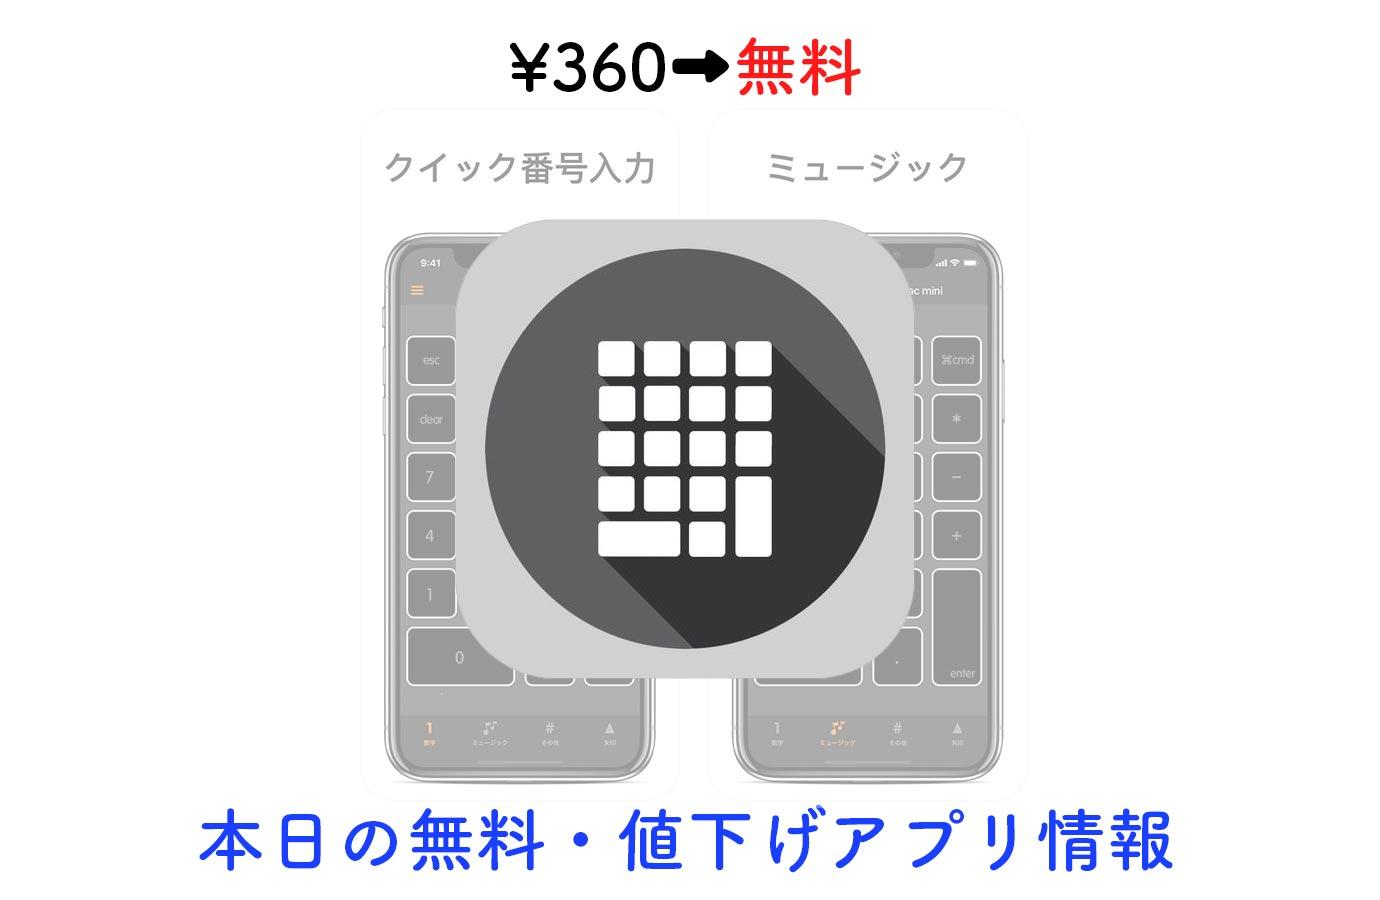 ¥360→無料、iPhoneをMacのテンキーとして使えるアプリ「Mac用リモートパッド」など【1/28】本日の無料・値下げアプリ情報